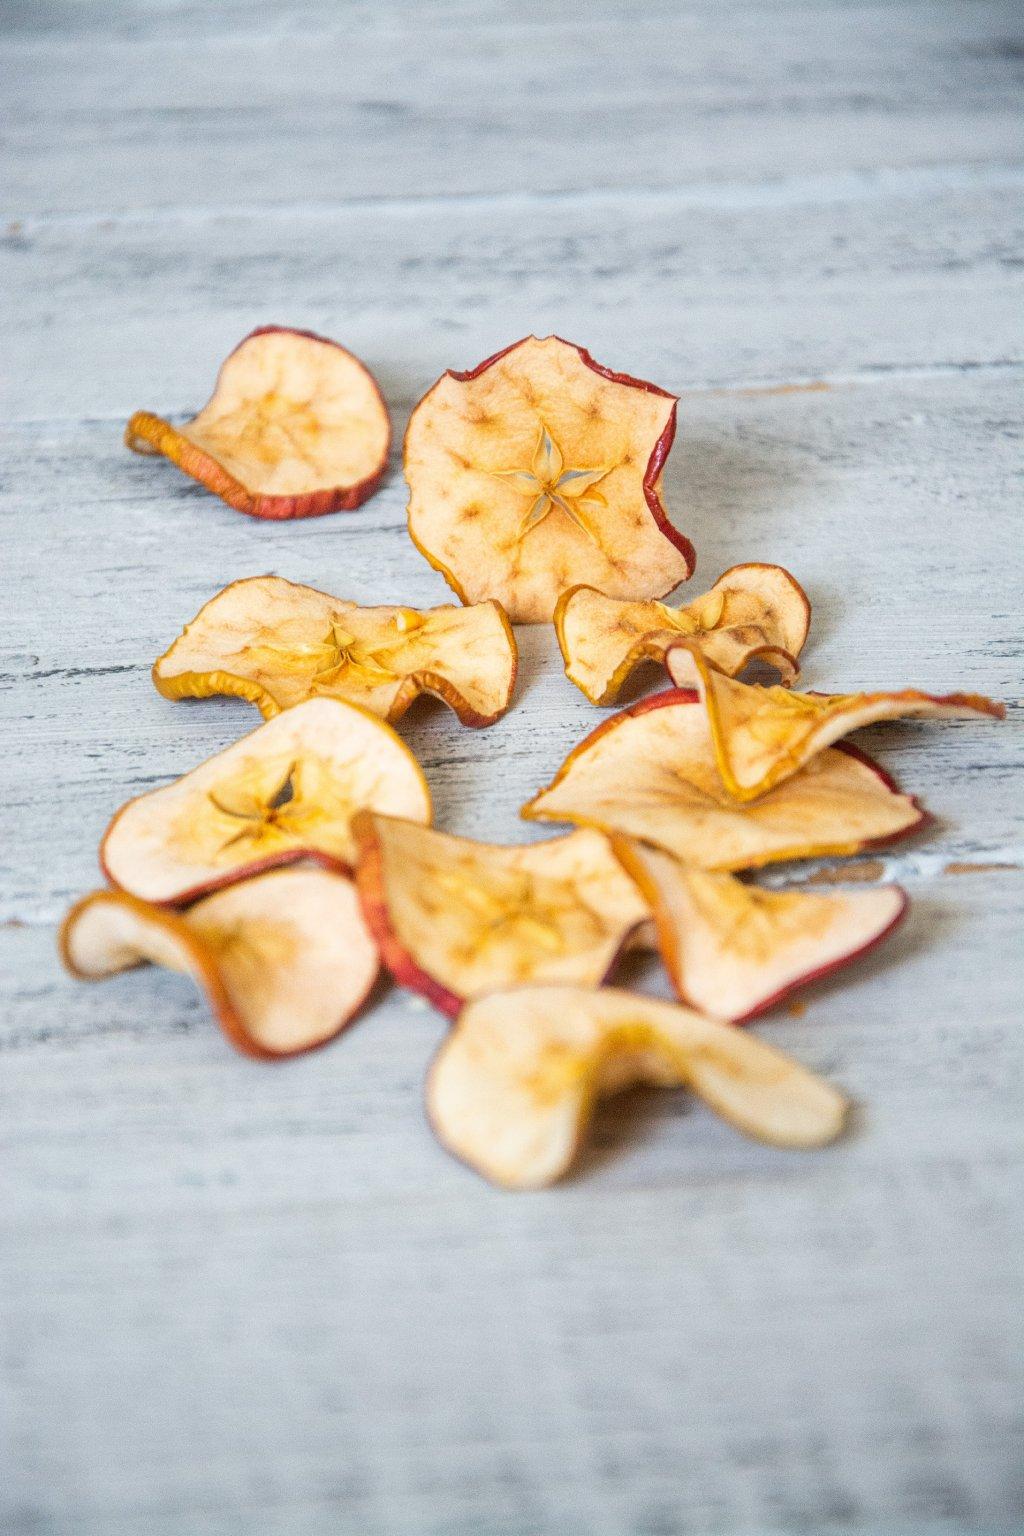 Sušené plátky jablíček vhodné do podzimních a vánočních aranžmá.  10 ks, průměr 2,5 - 3 cm